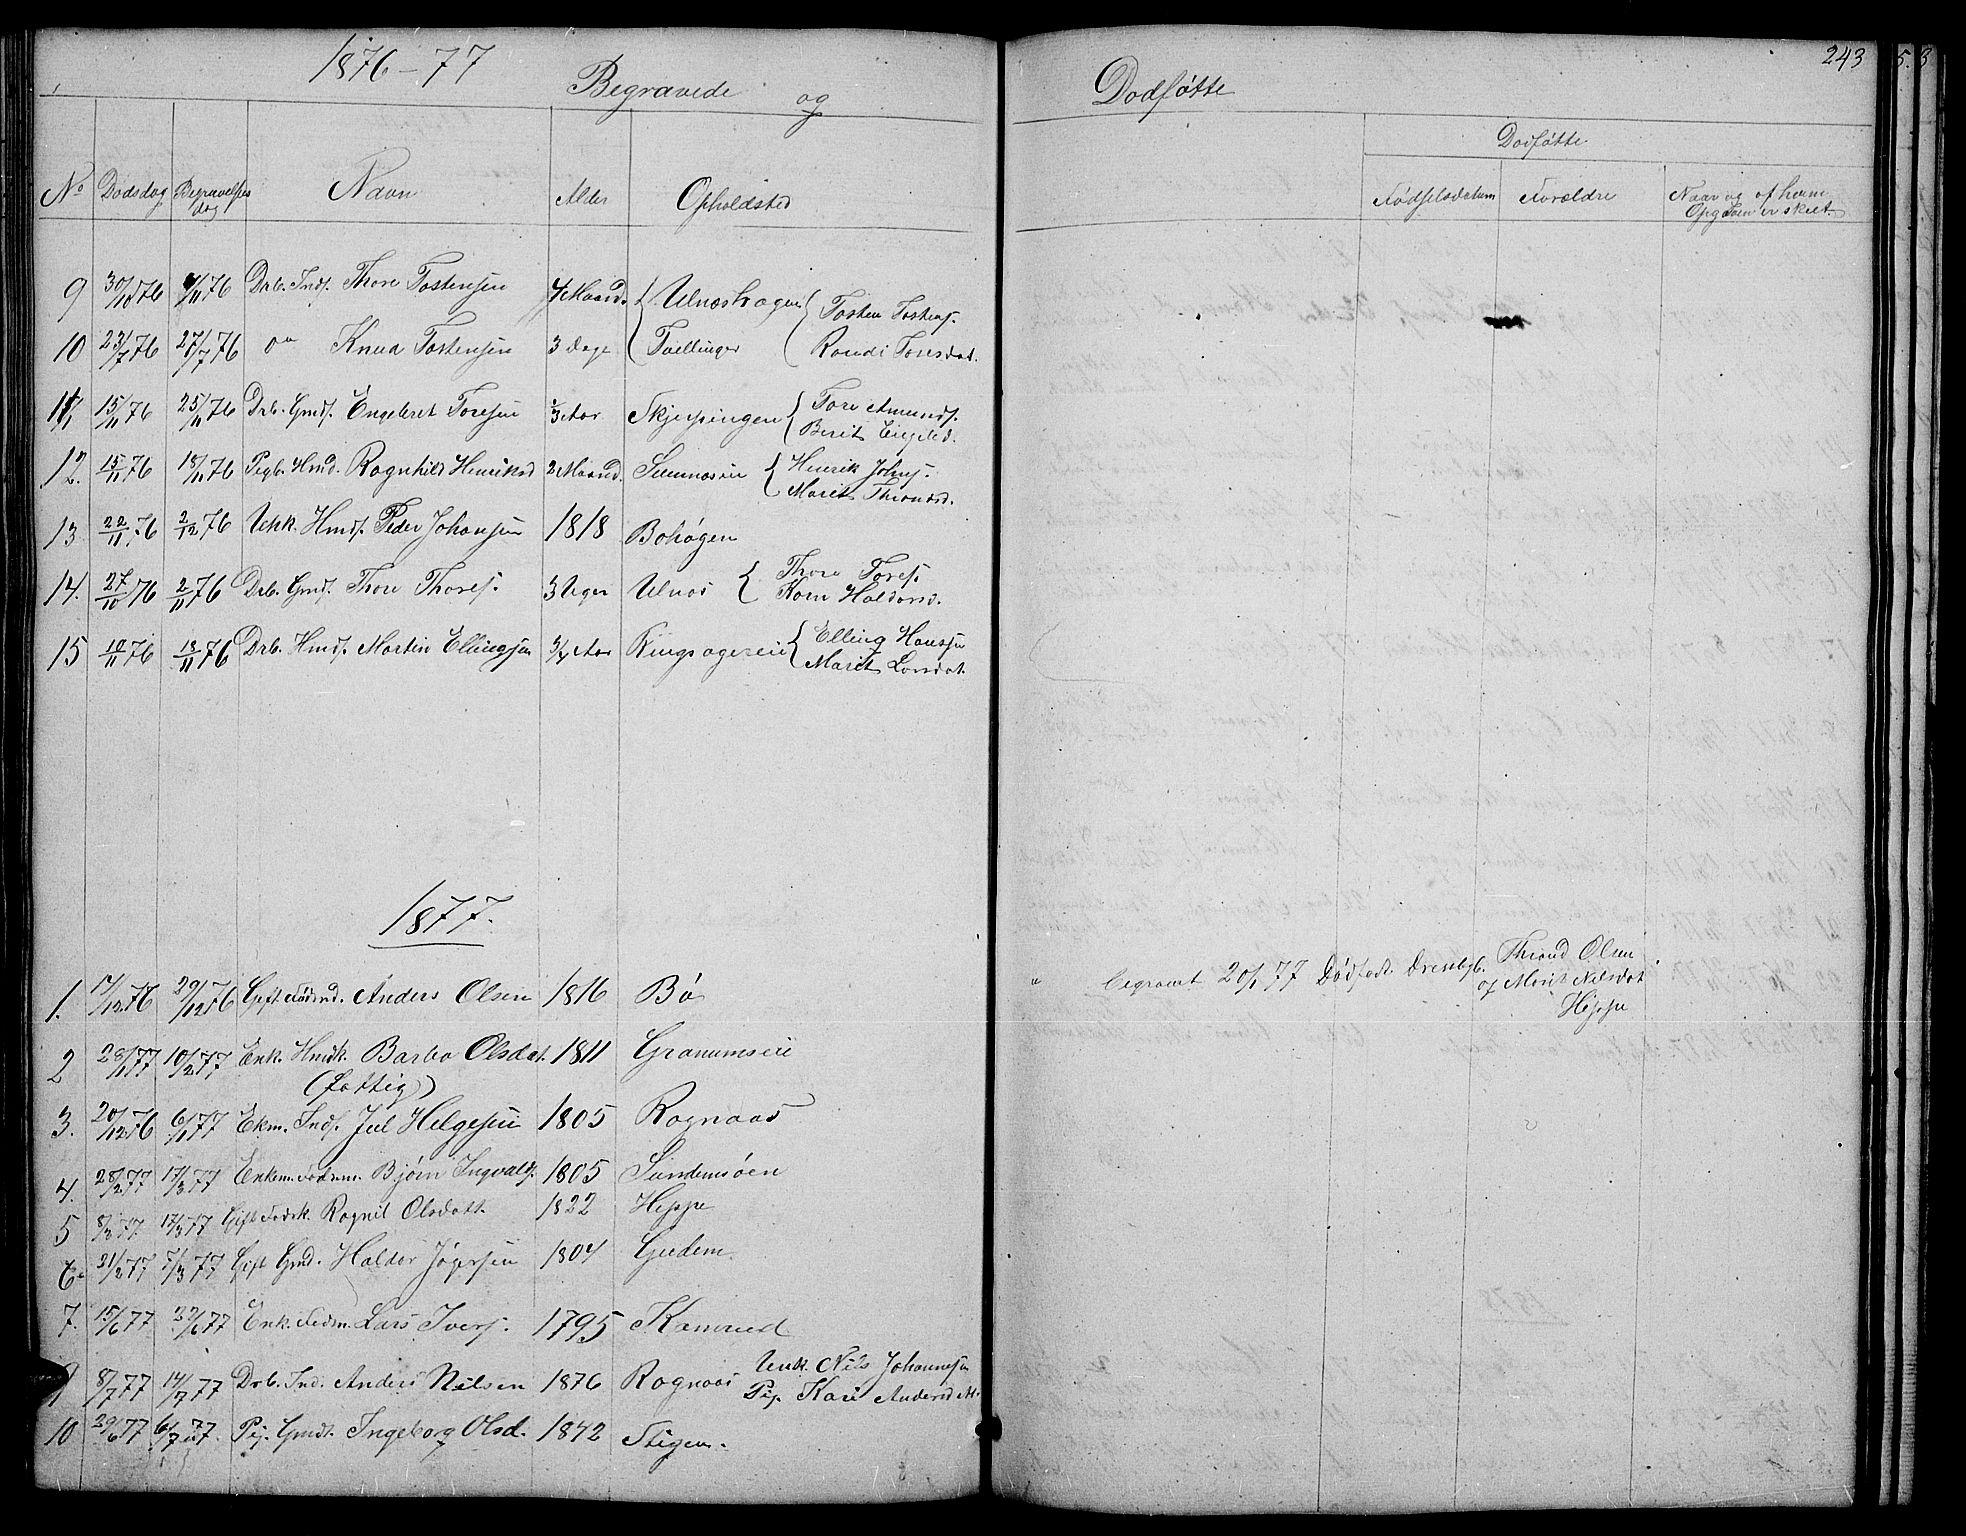 SAH, Nord-Aurdal prestekontor, Klokkerbok nr. 4, 1842-1882, s. 243